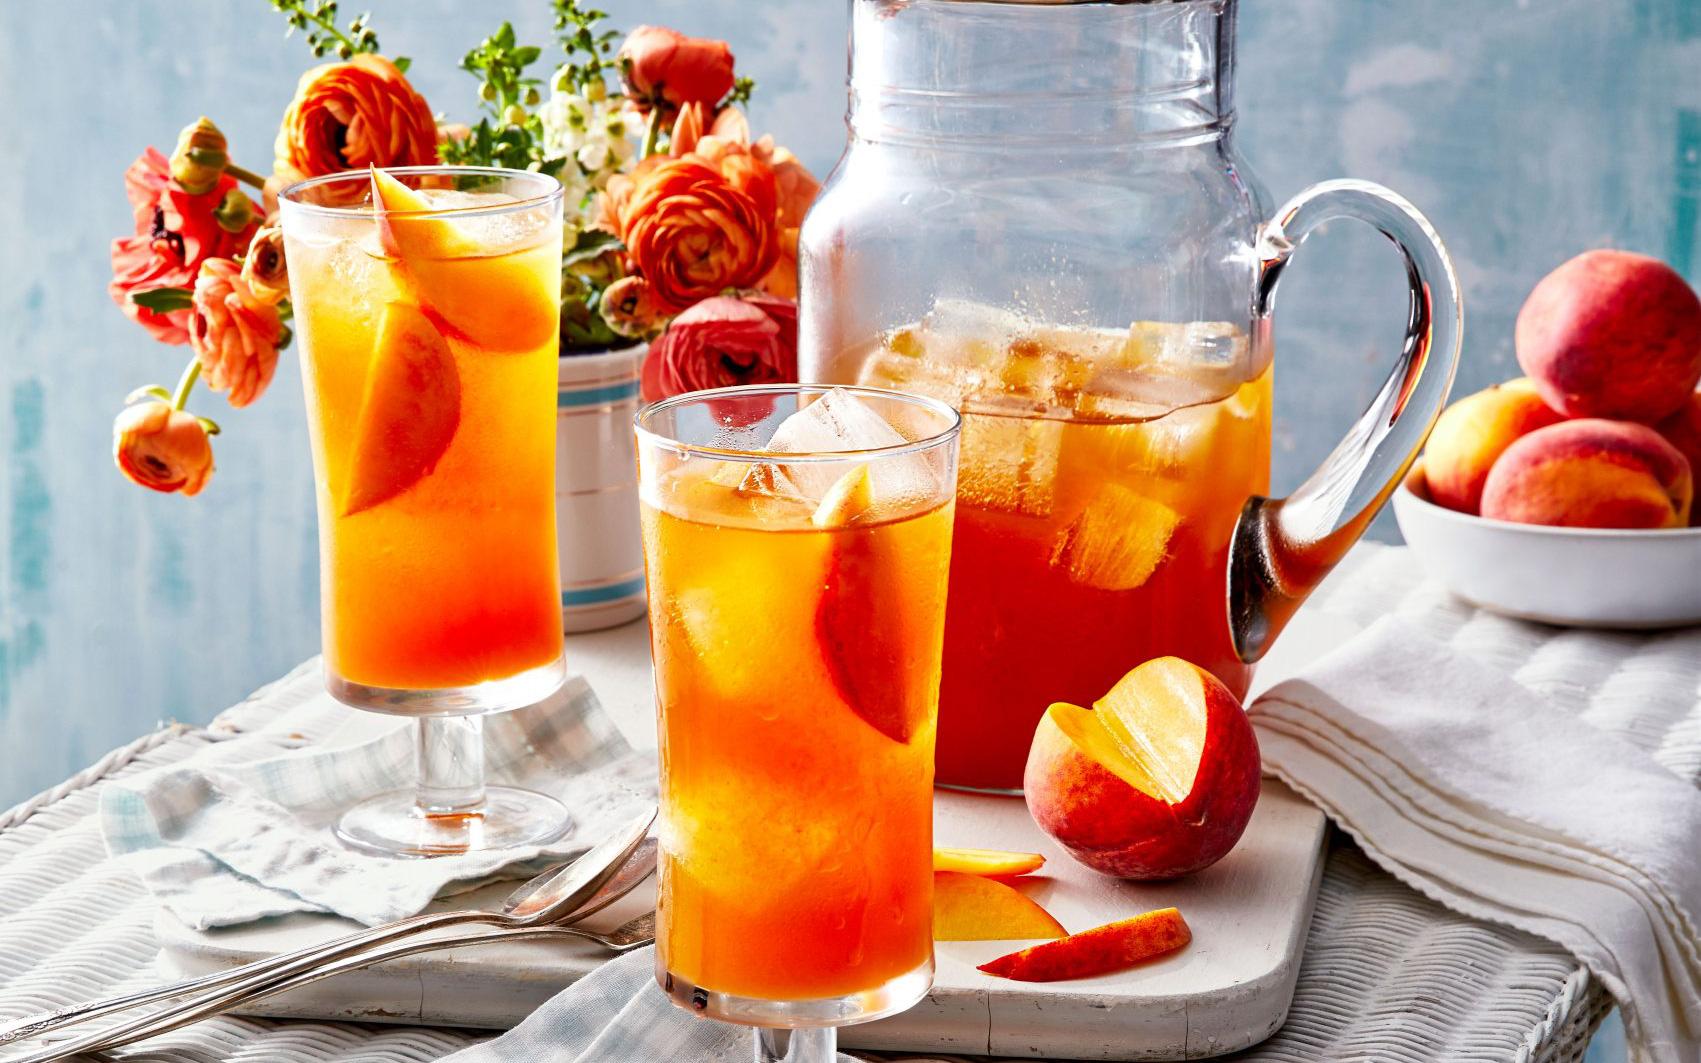 5 cách pha trà trái cây mùa hè đánh bay cái nóng, từ trà mận đến trà vải đều ngon tuyệt